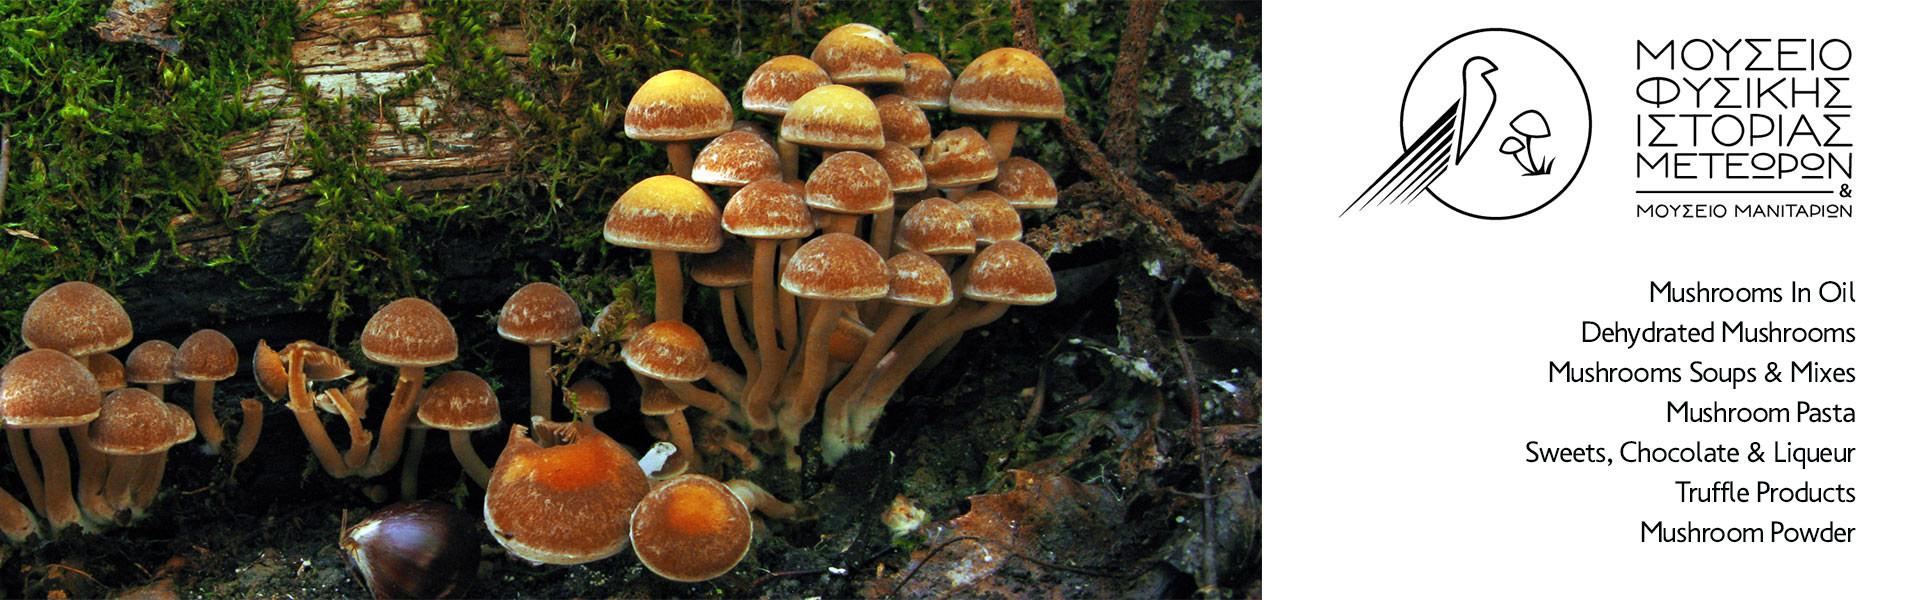 Μουσείο-Φυσικής-Ιστορίας-Μανιταριών-Μετεώρων-Νομή-Natural-History-Museum-Of-Meteora-Mushrooms-Nomee-Foods-2